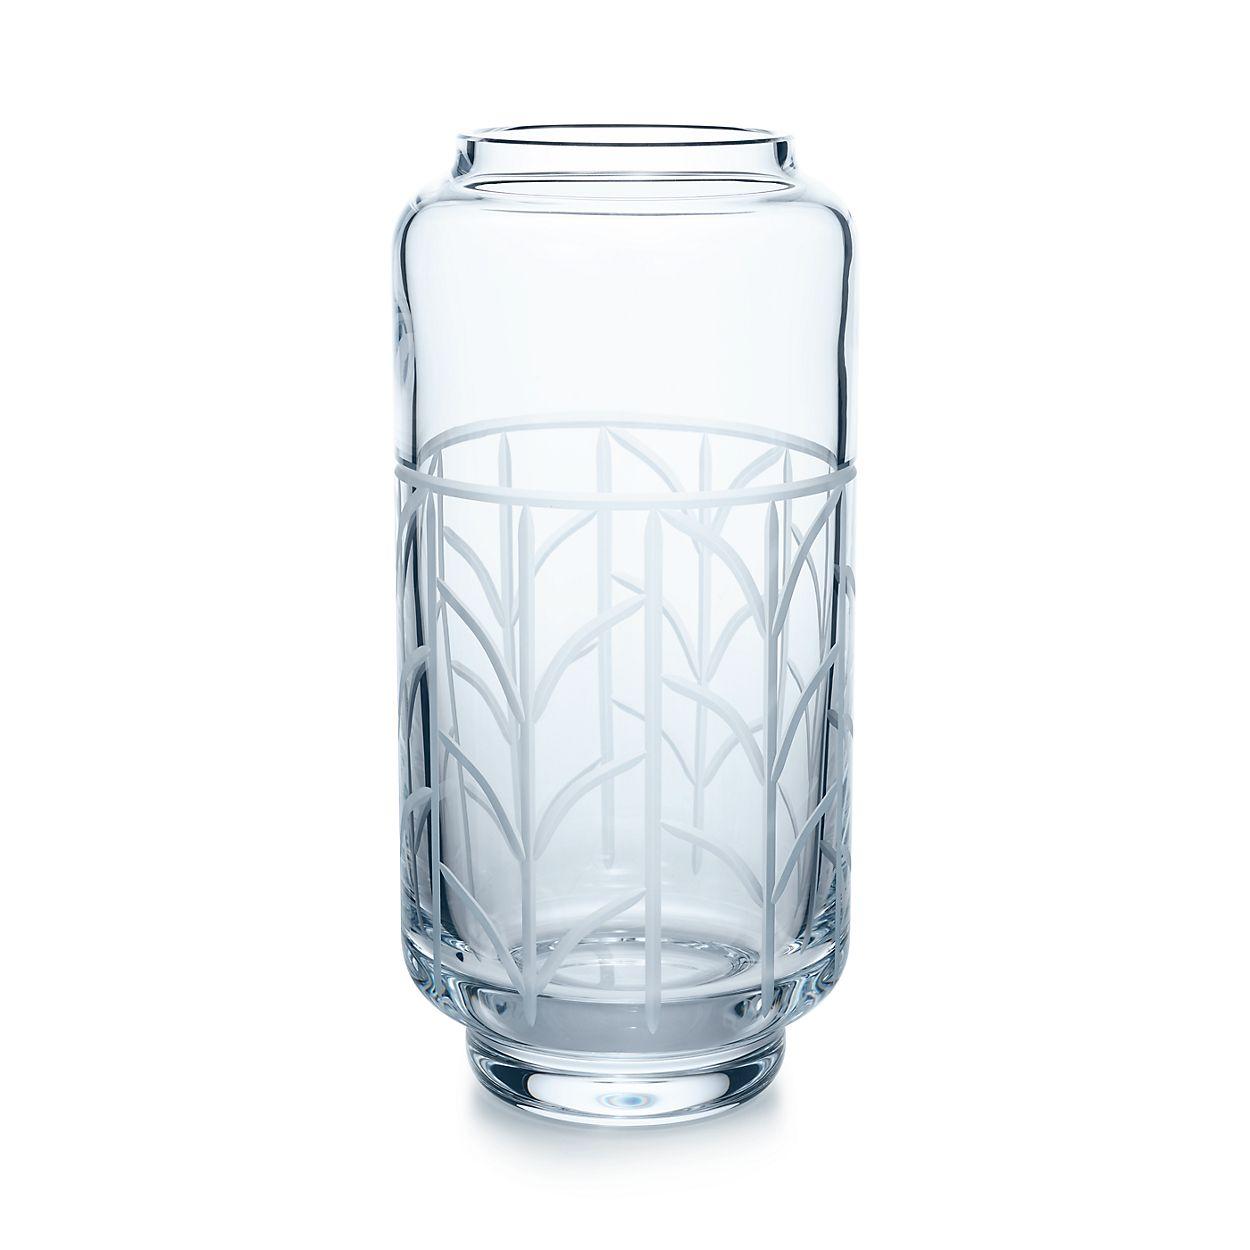 Wheat leaf baluster vase in crystal glass large tiffany co wheat leafbaluster vase wheat leafbaluster vase reviewsmspy